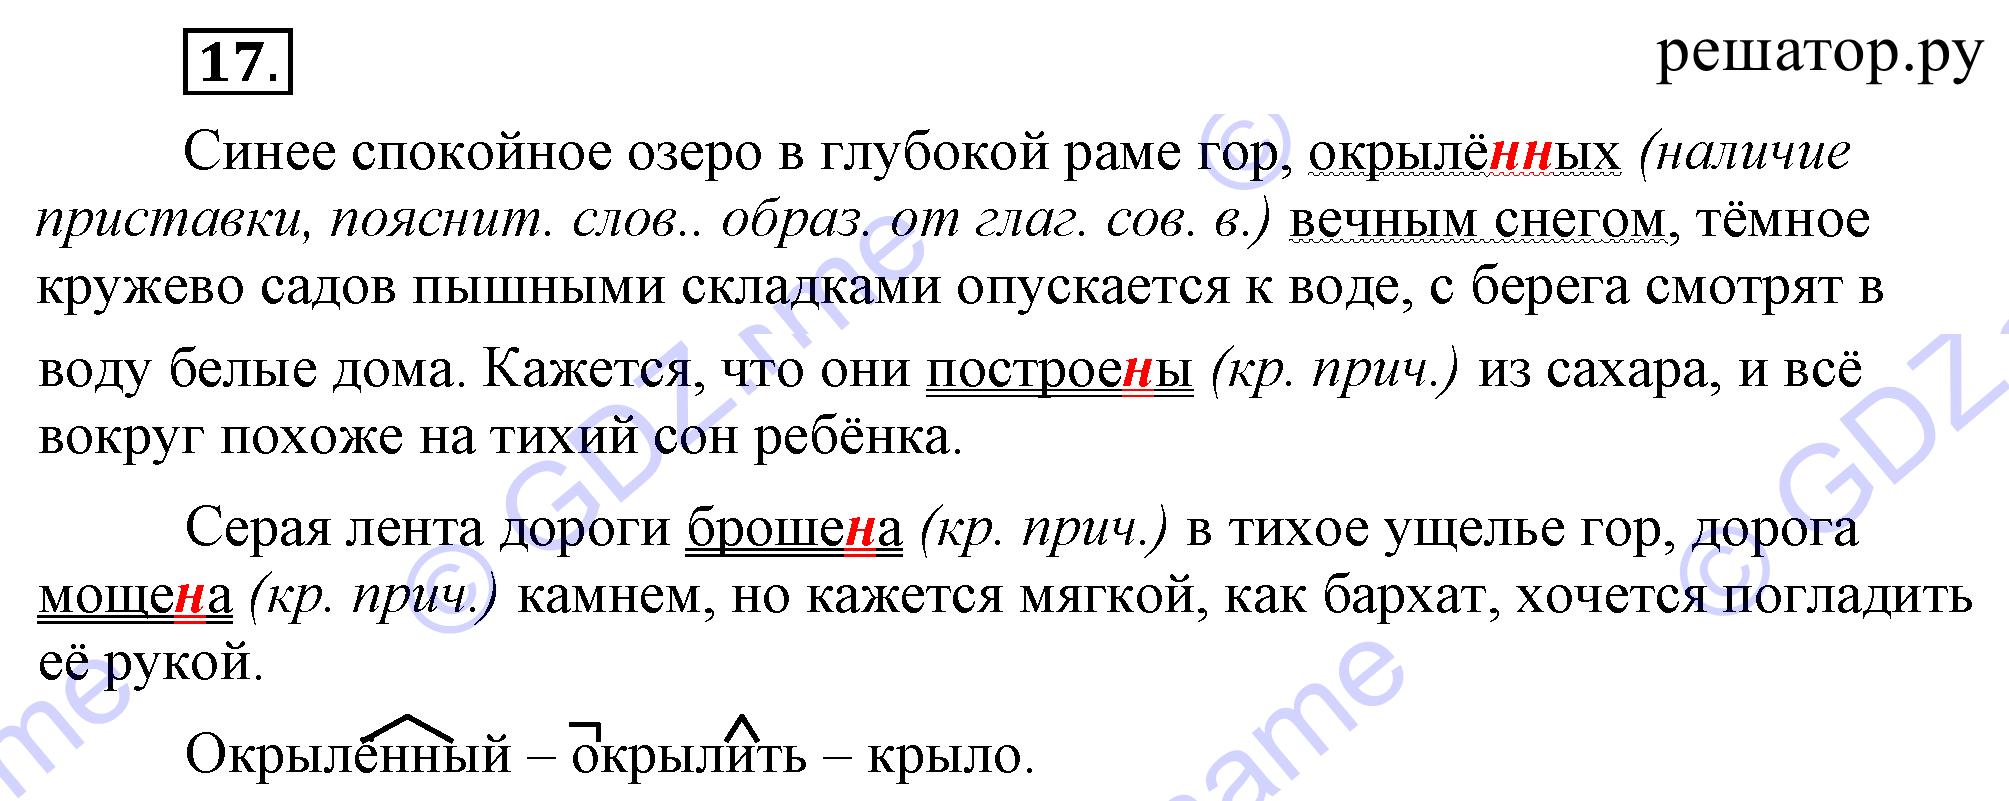 Домашнее задание по русскому языку 8 класс разумовская 2017 год